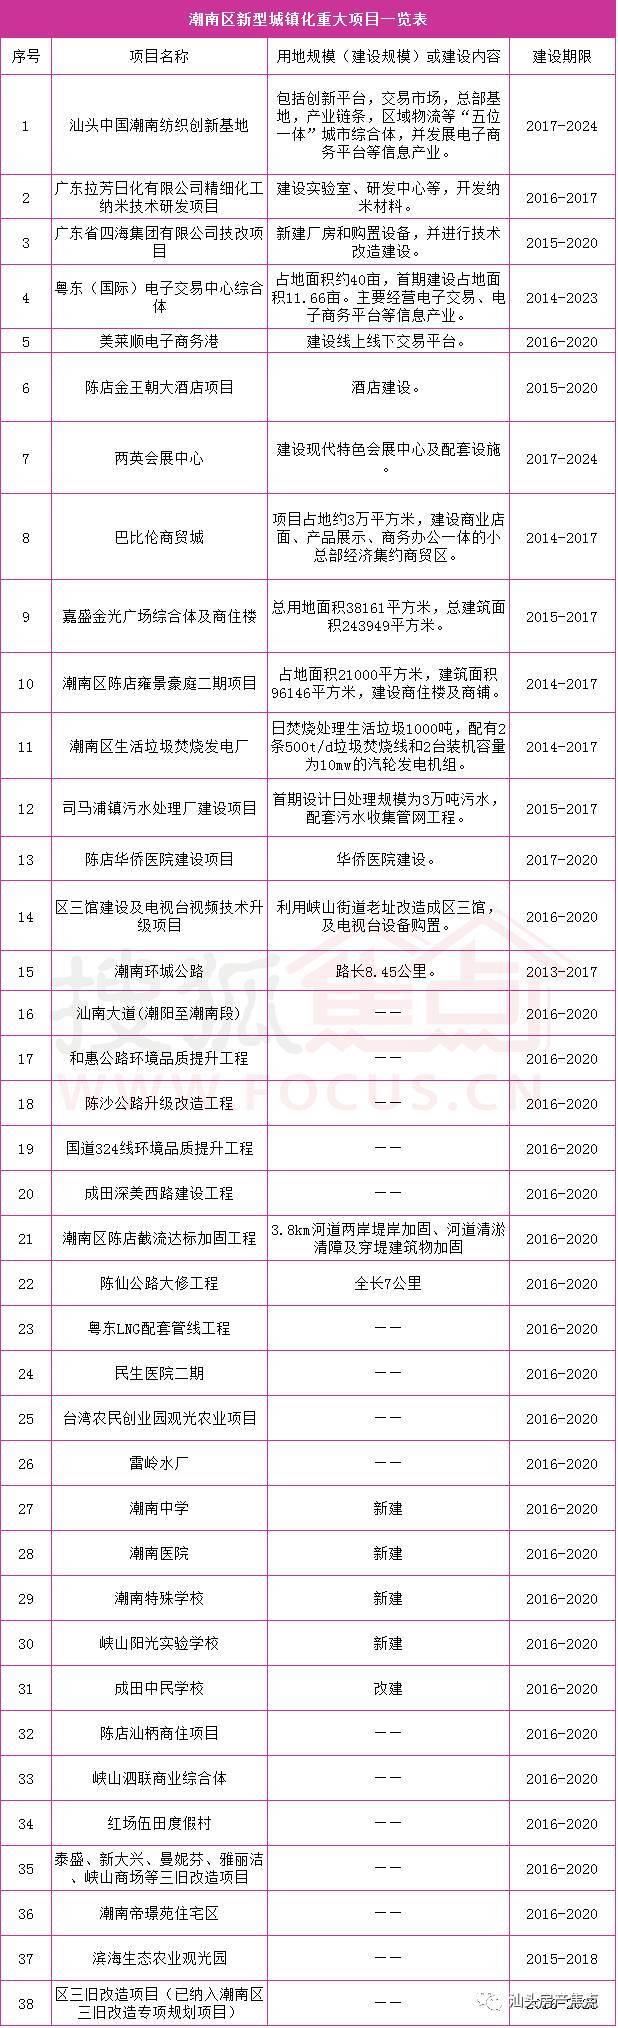 汕头新型城镇化规划(2016